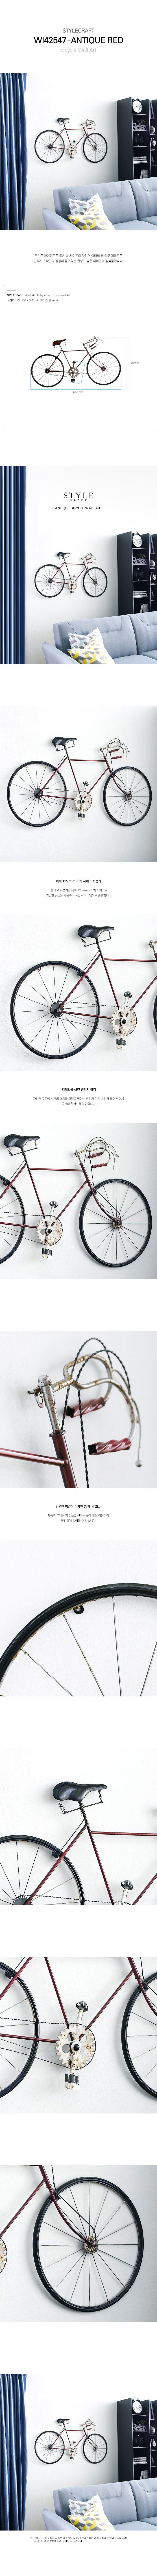 7_8_42547_RED_Bicycle.jpg